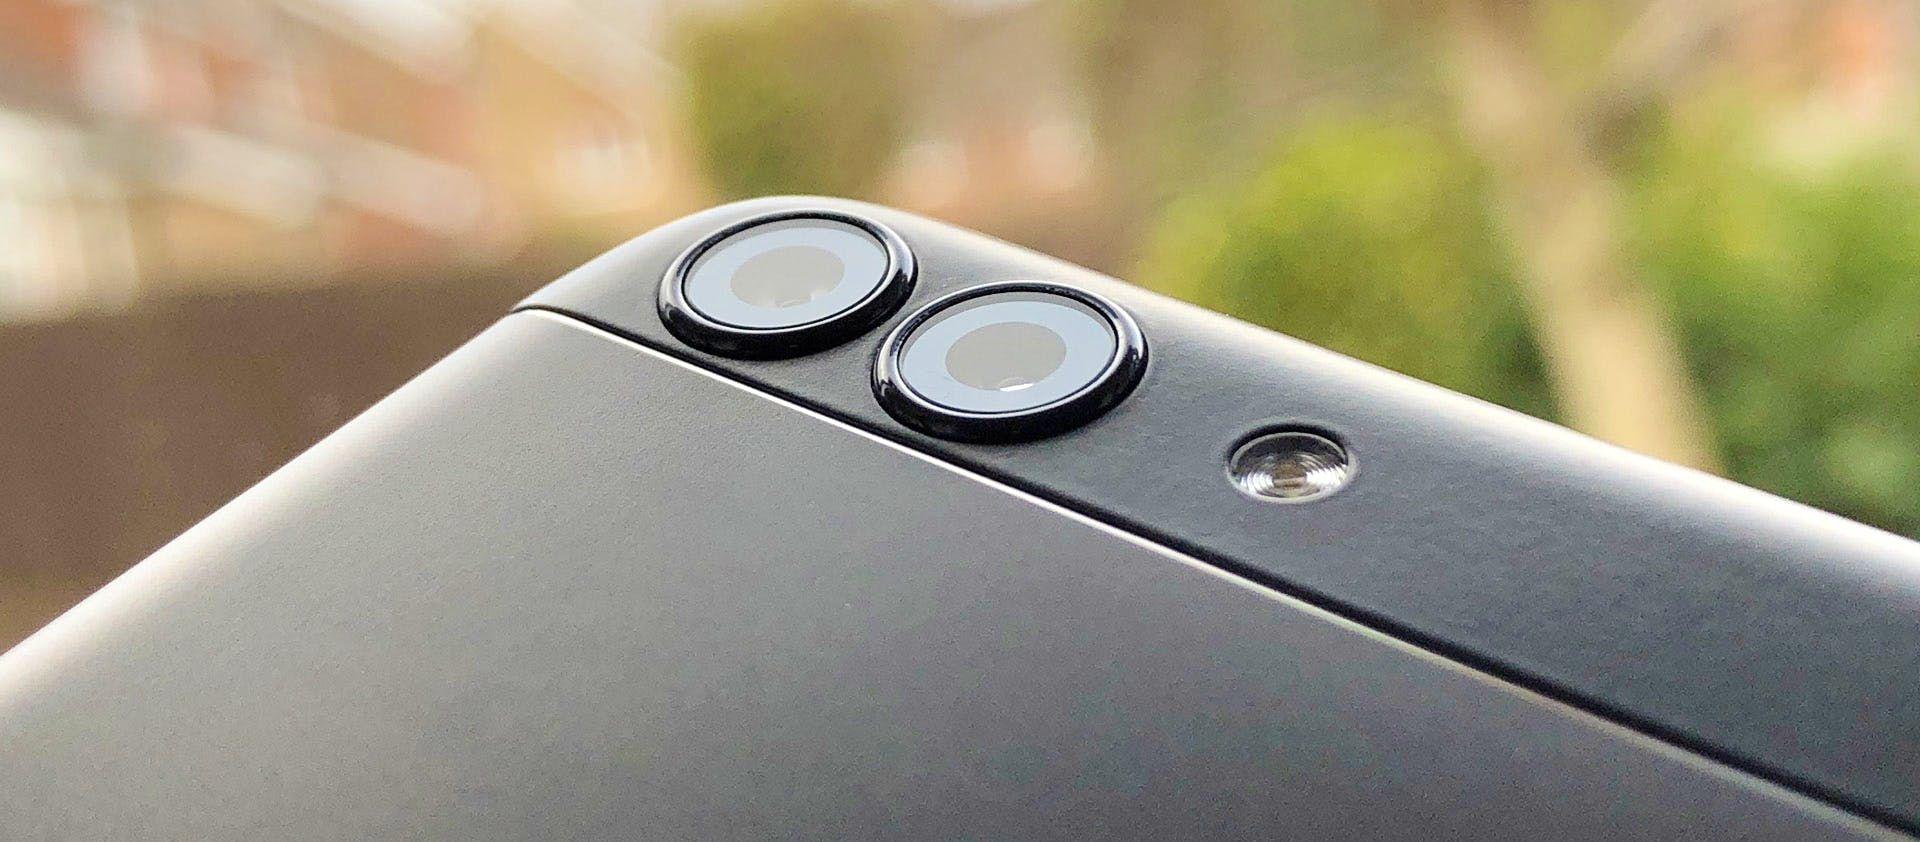 Ar Ertek Arany Egyik Nyertese Huawei P Smart Mobiltelefonok Es Hir